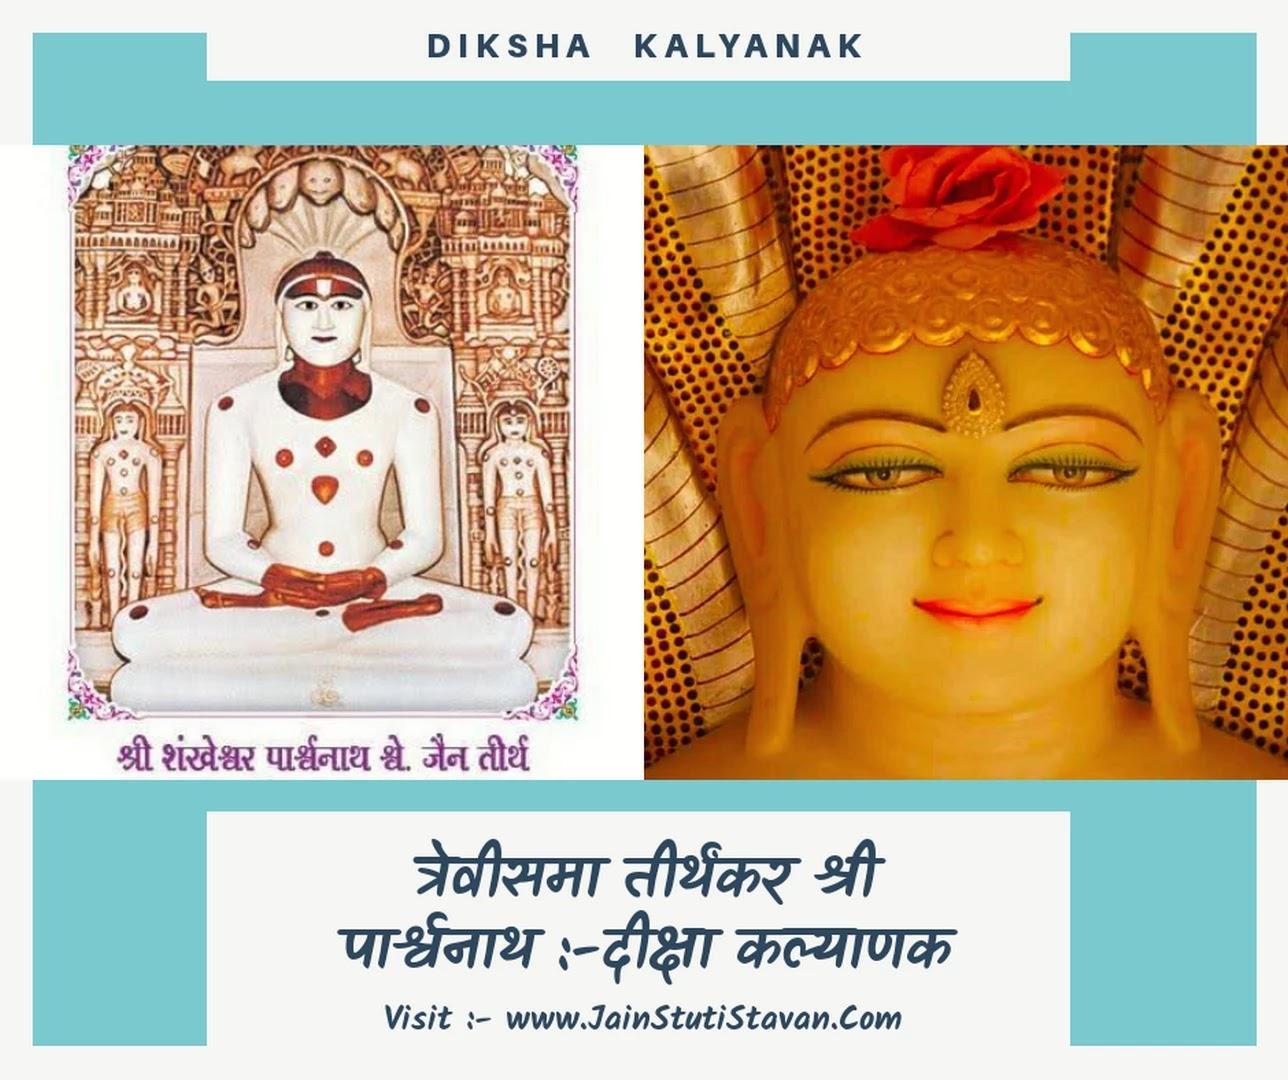 23rd Tirthankar Shree Paswanath bhagvan Ka Dikasha Kalyanak